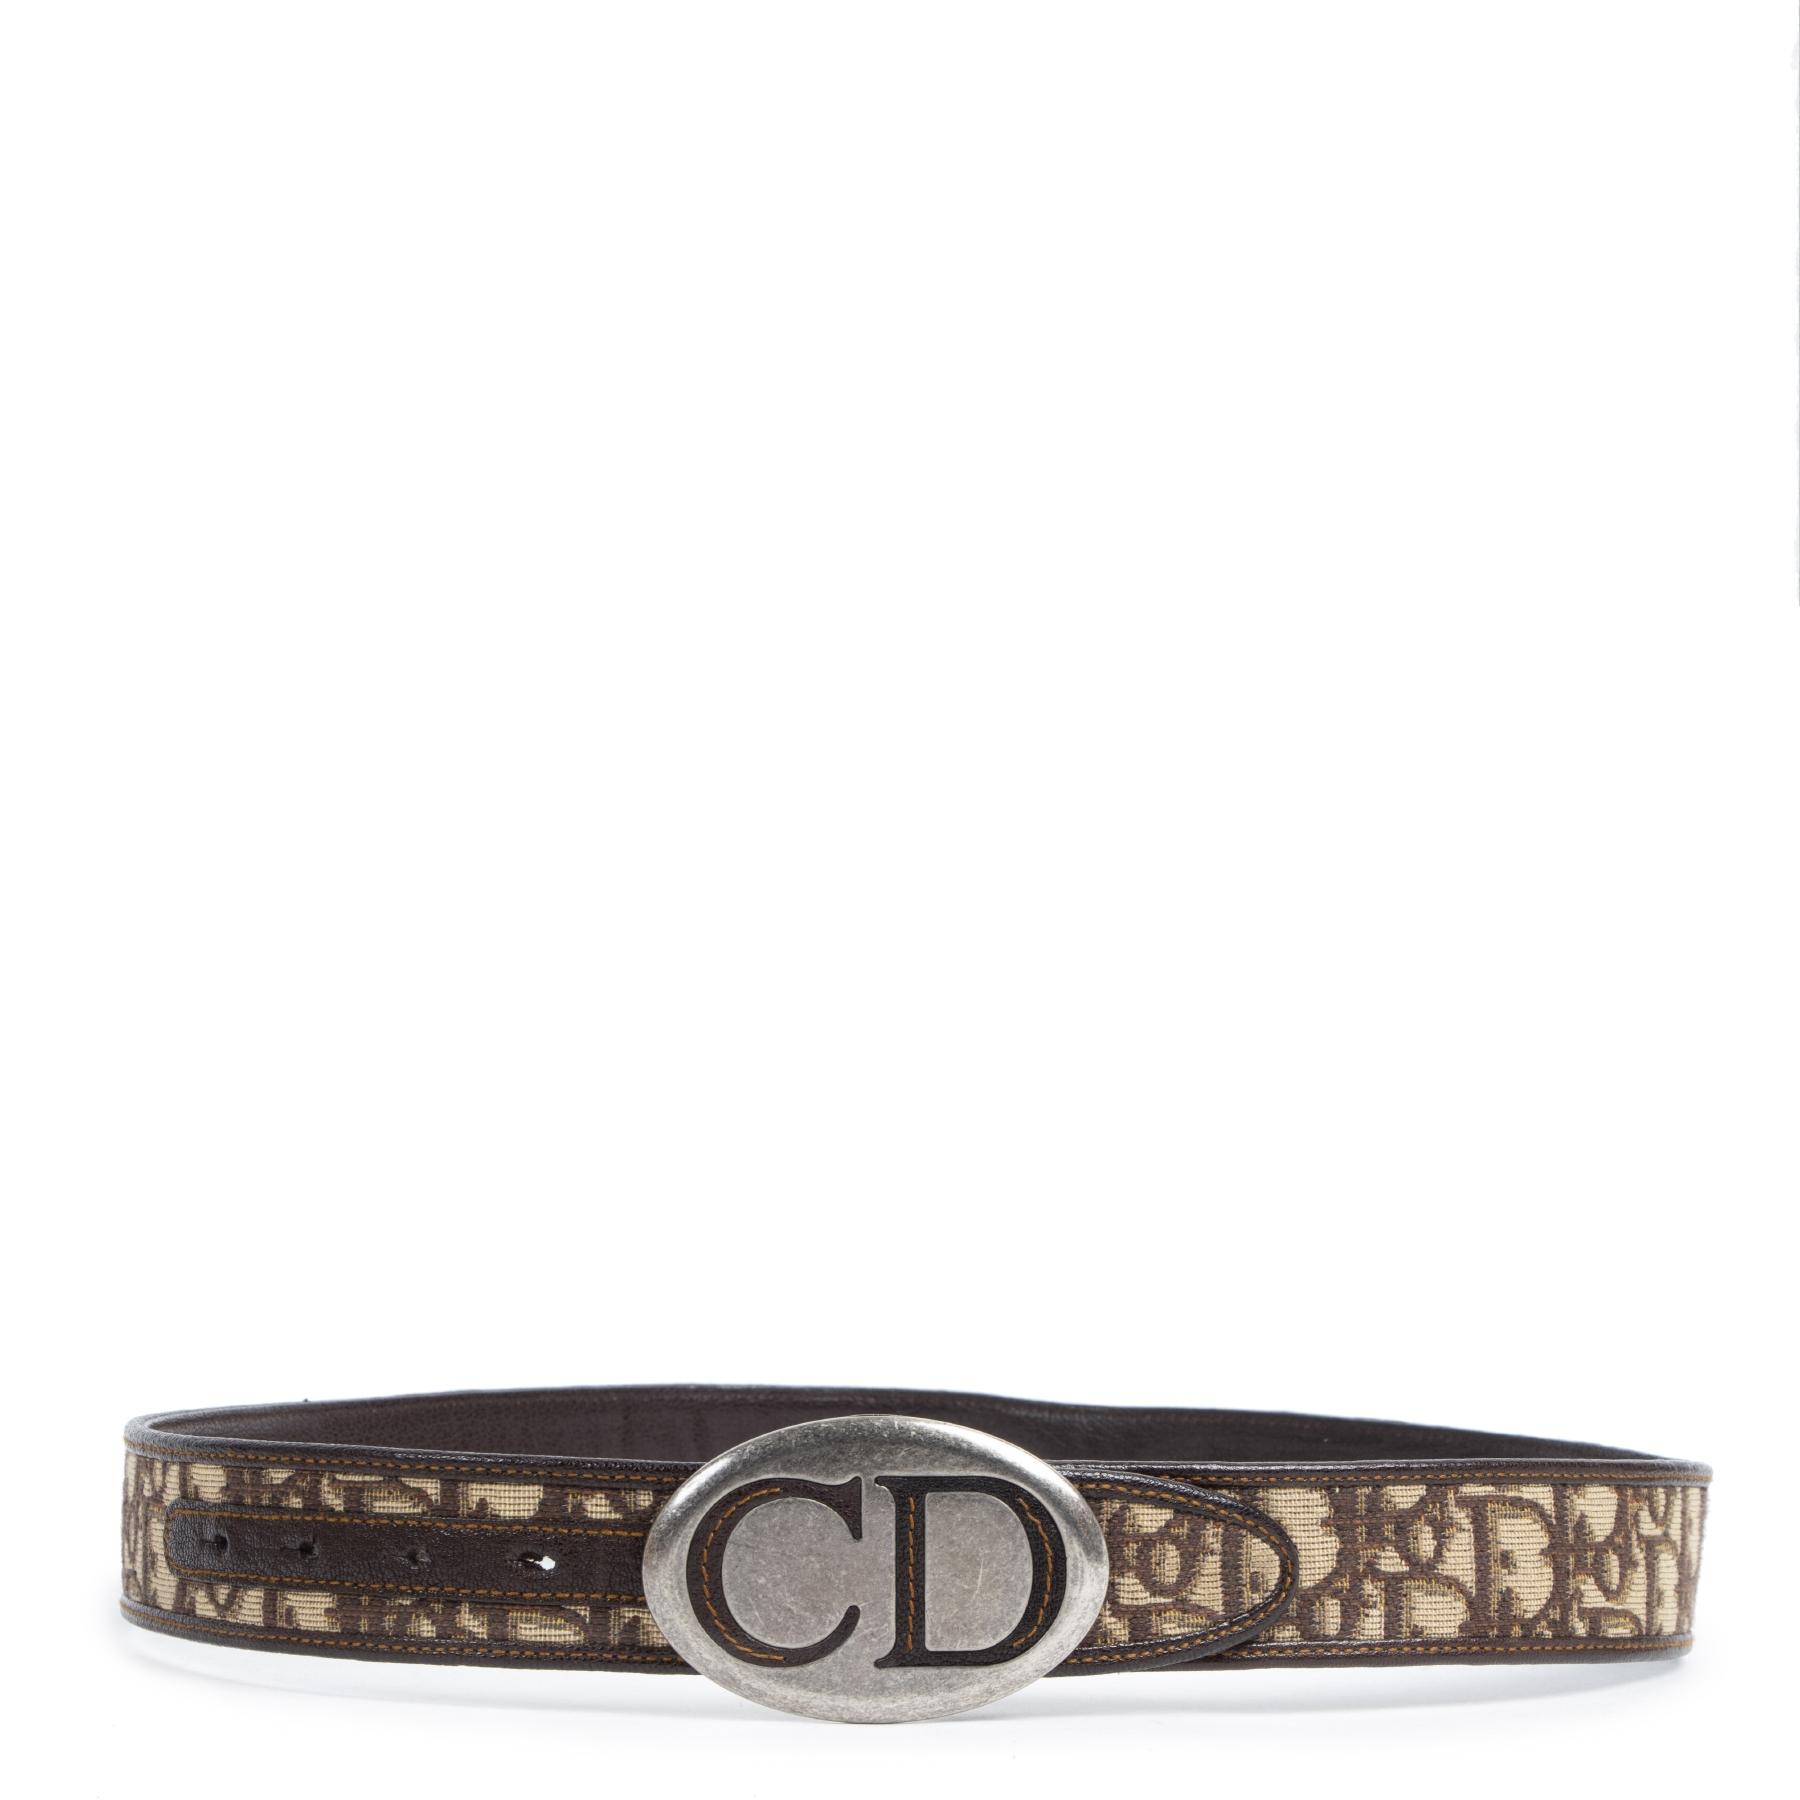 Authentieke Tweedehands Dior Brown Monogram Belt juiste prijs veilig online shoppen luxe merken webshop winkelen Antwerpen België mode fashion